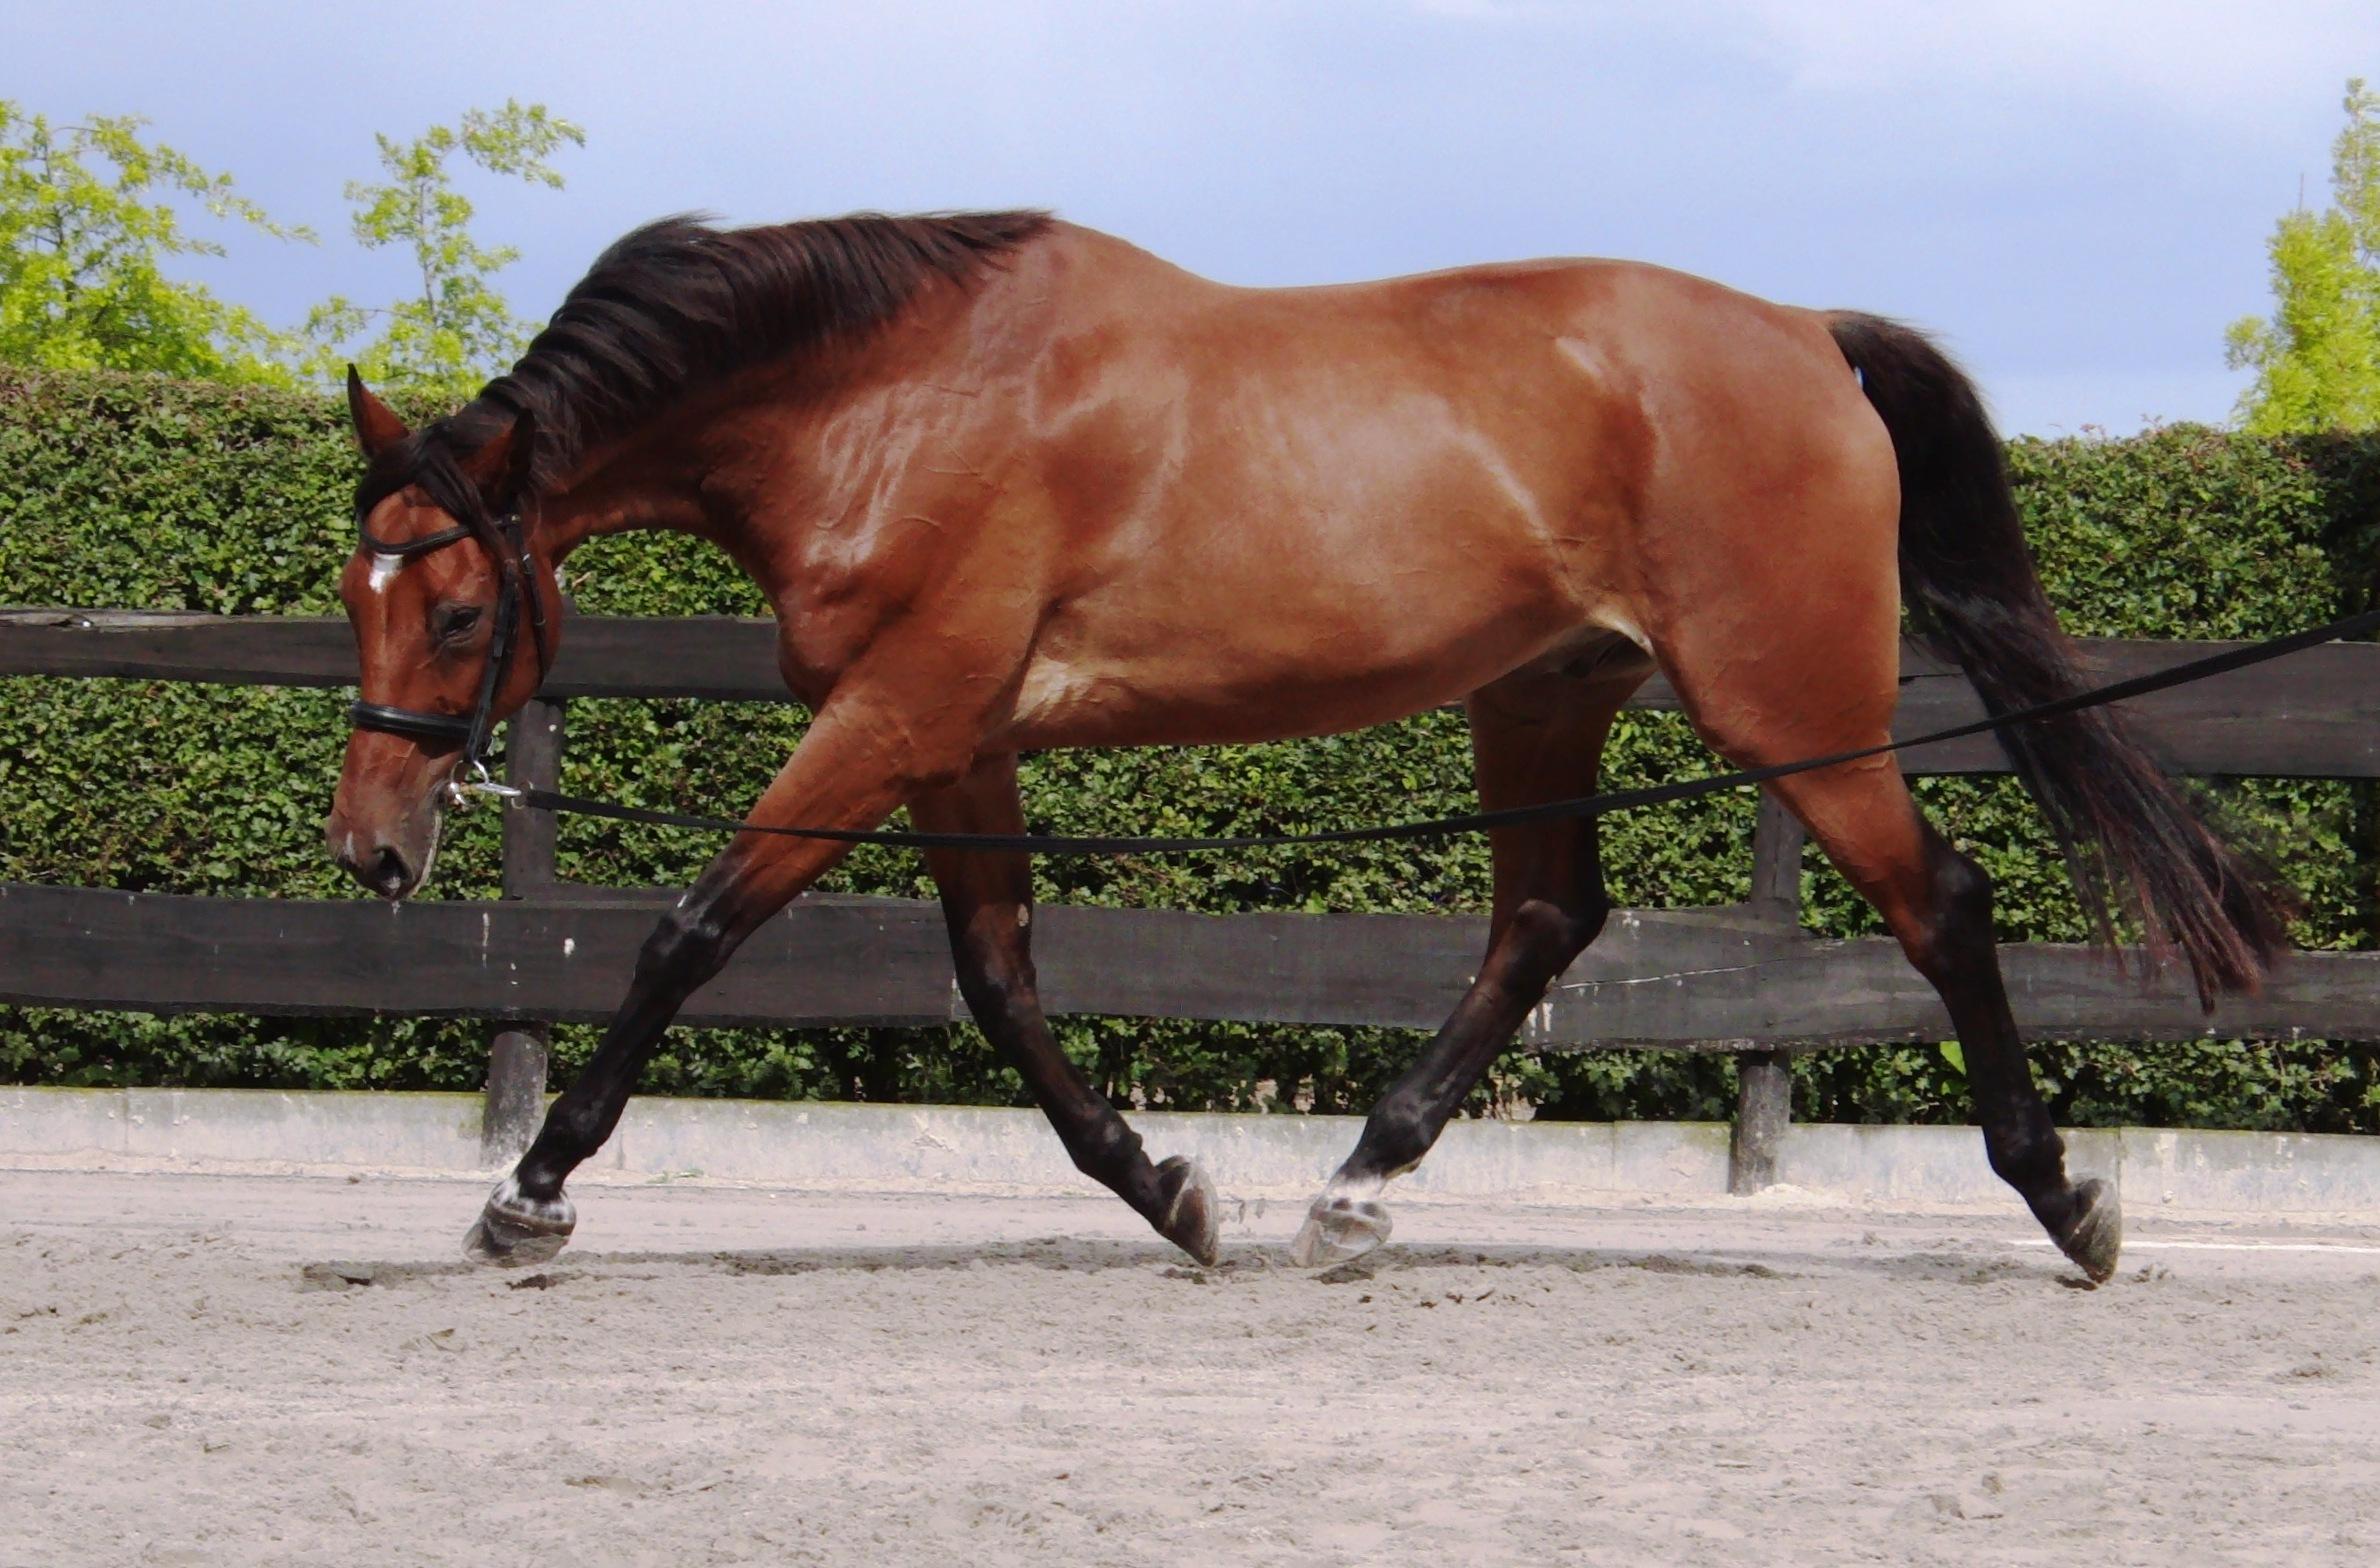 Longeren is een paard aan een lange lijn (longe) in een cirkel om je heen laten lopen.